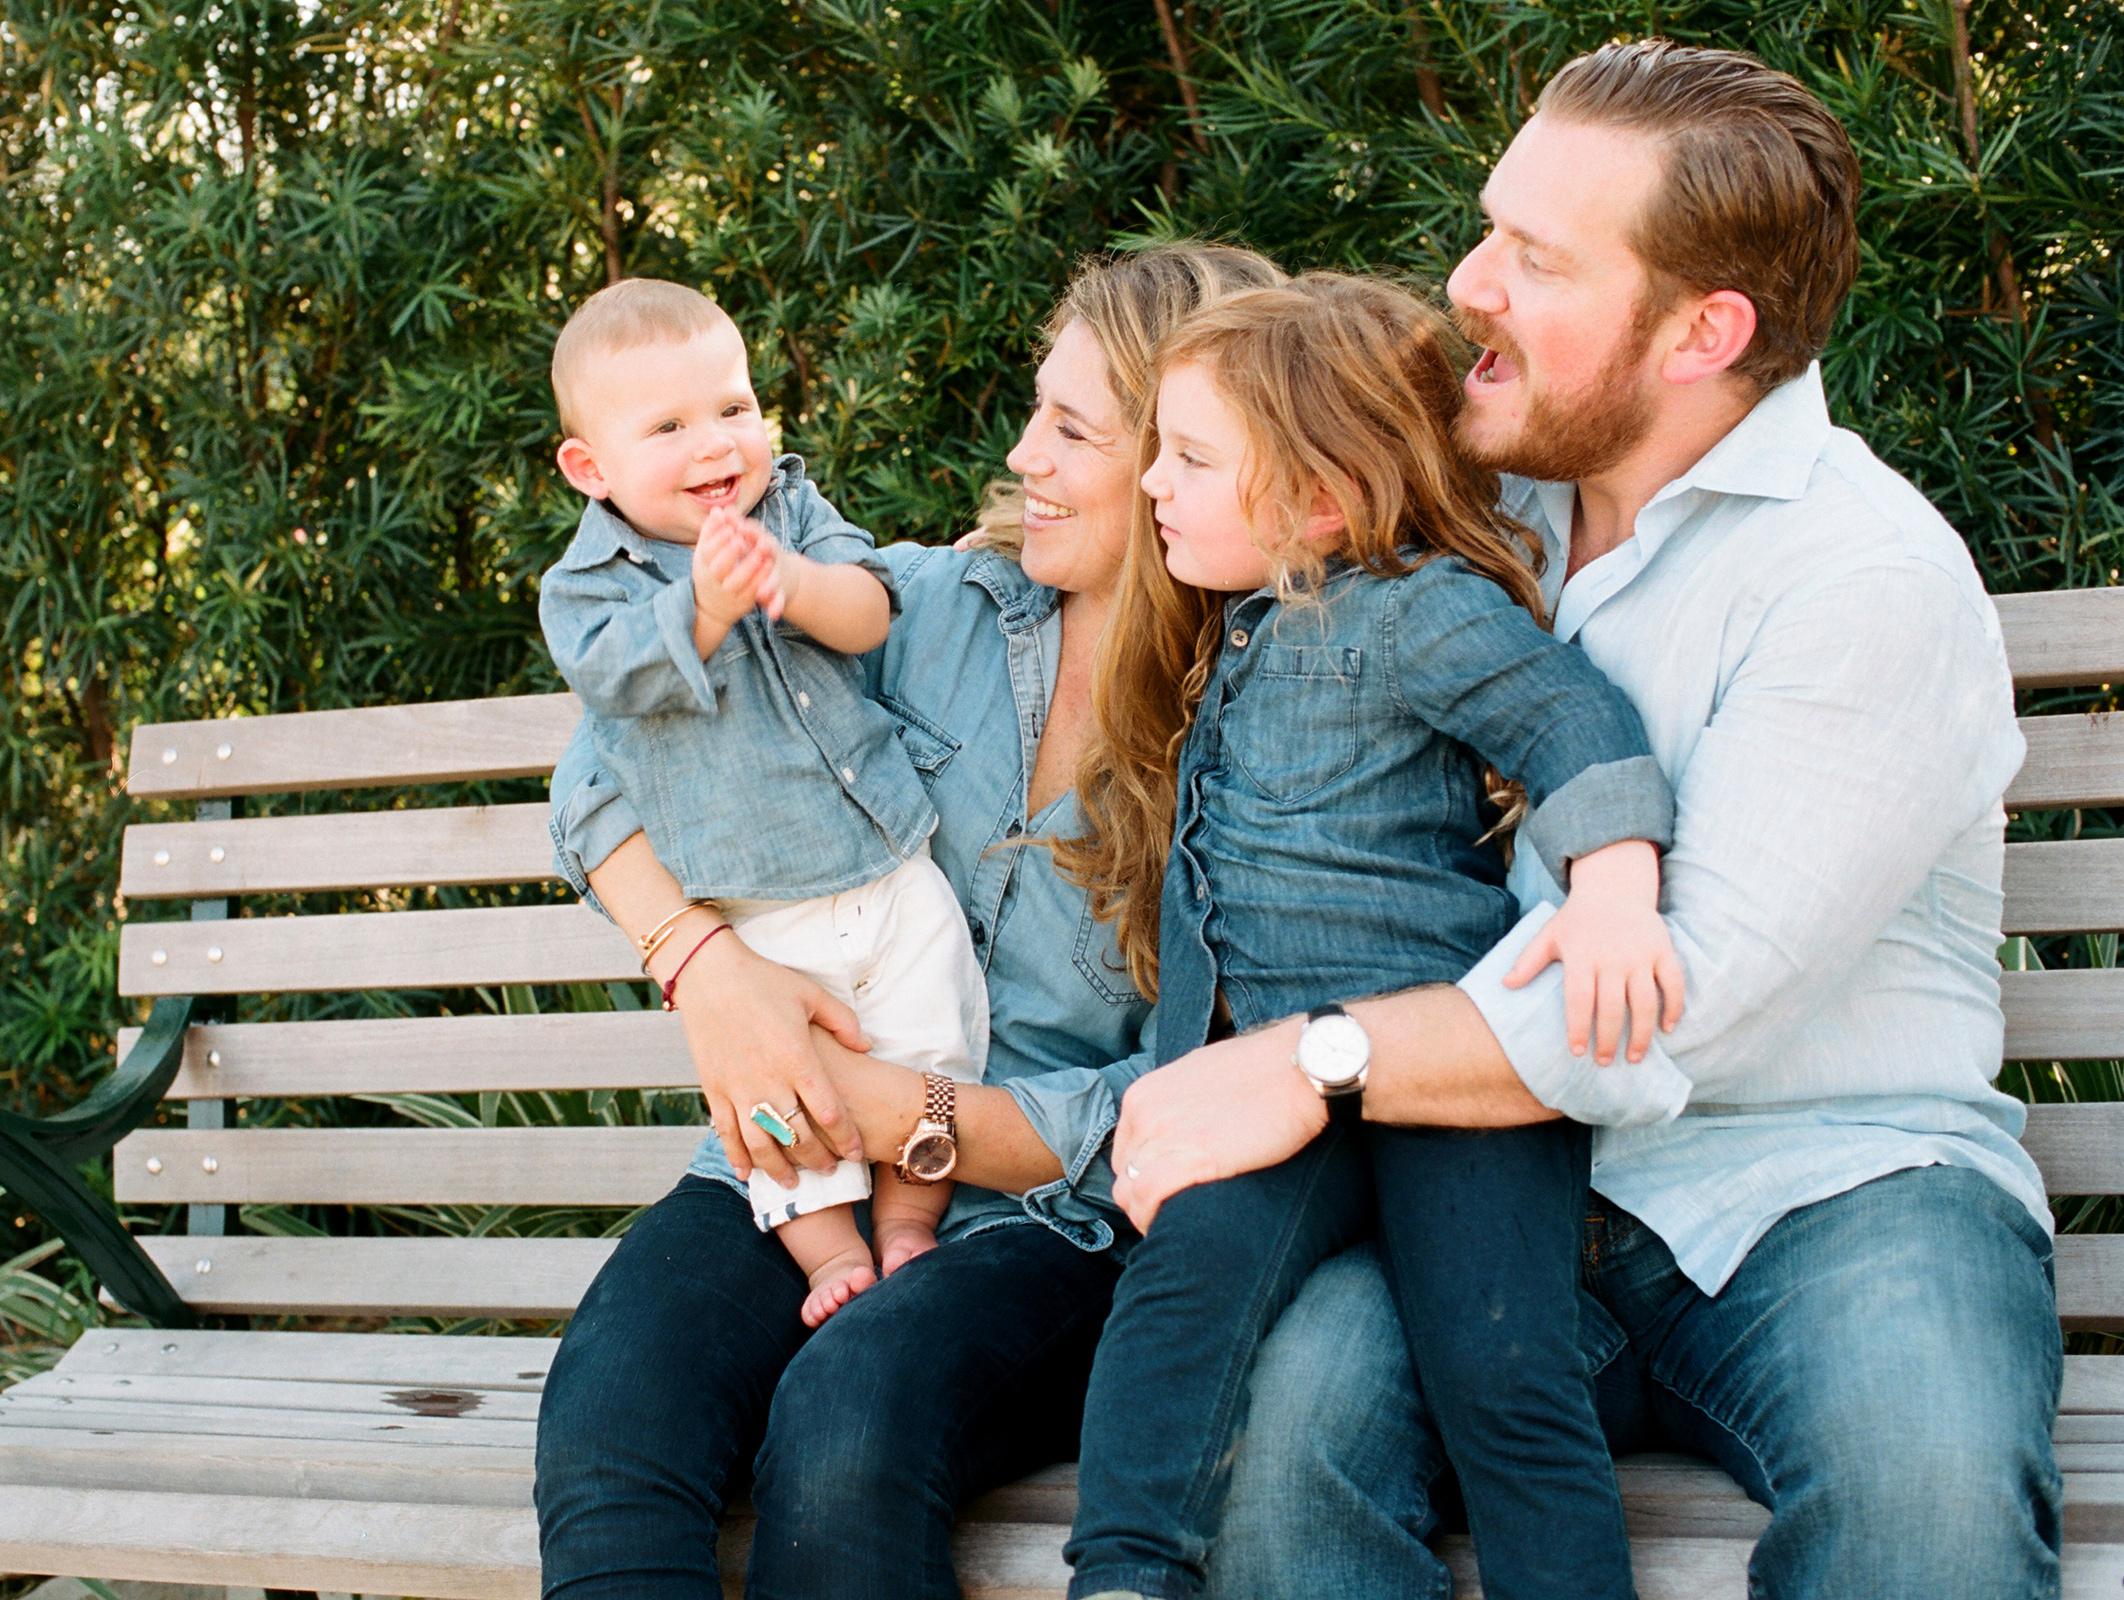 0067_0087-Houston-Family-Children-Baby-Photographers.jpg